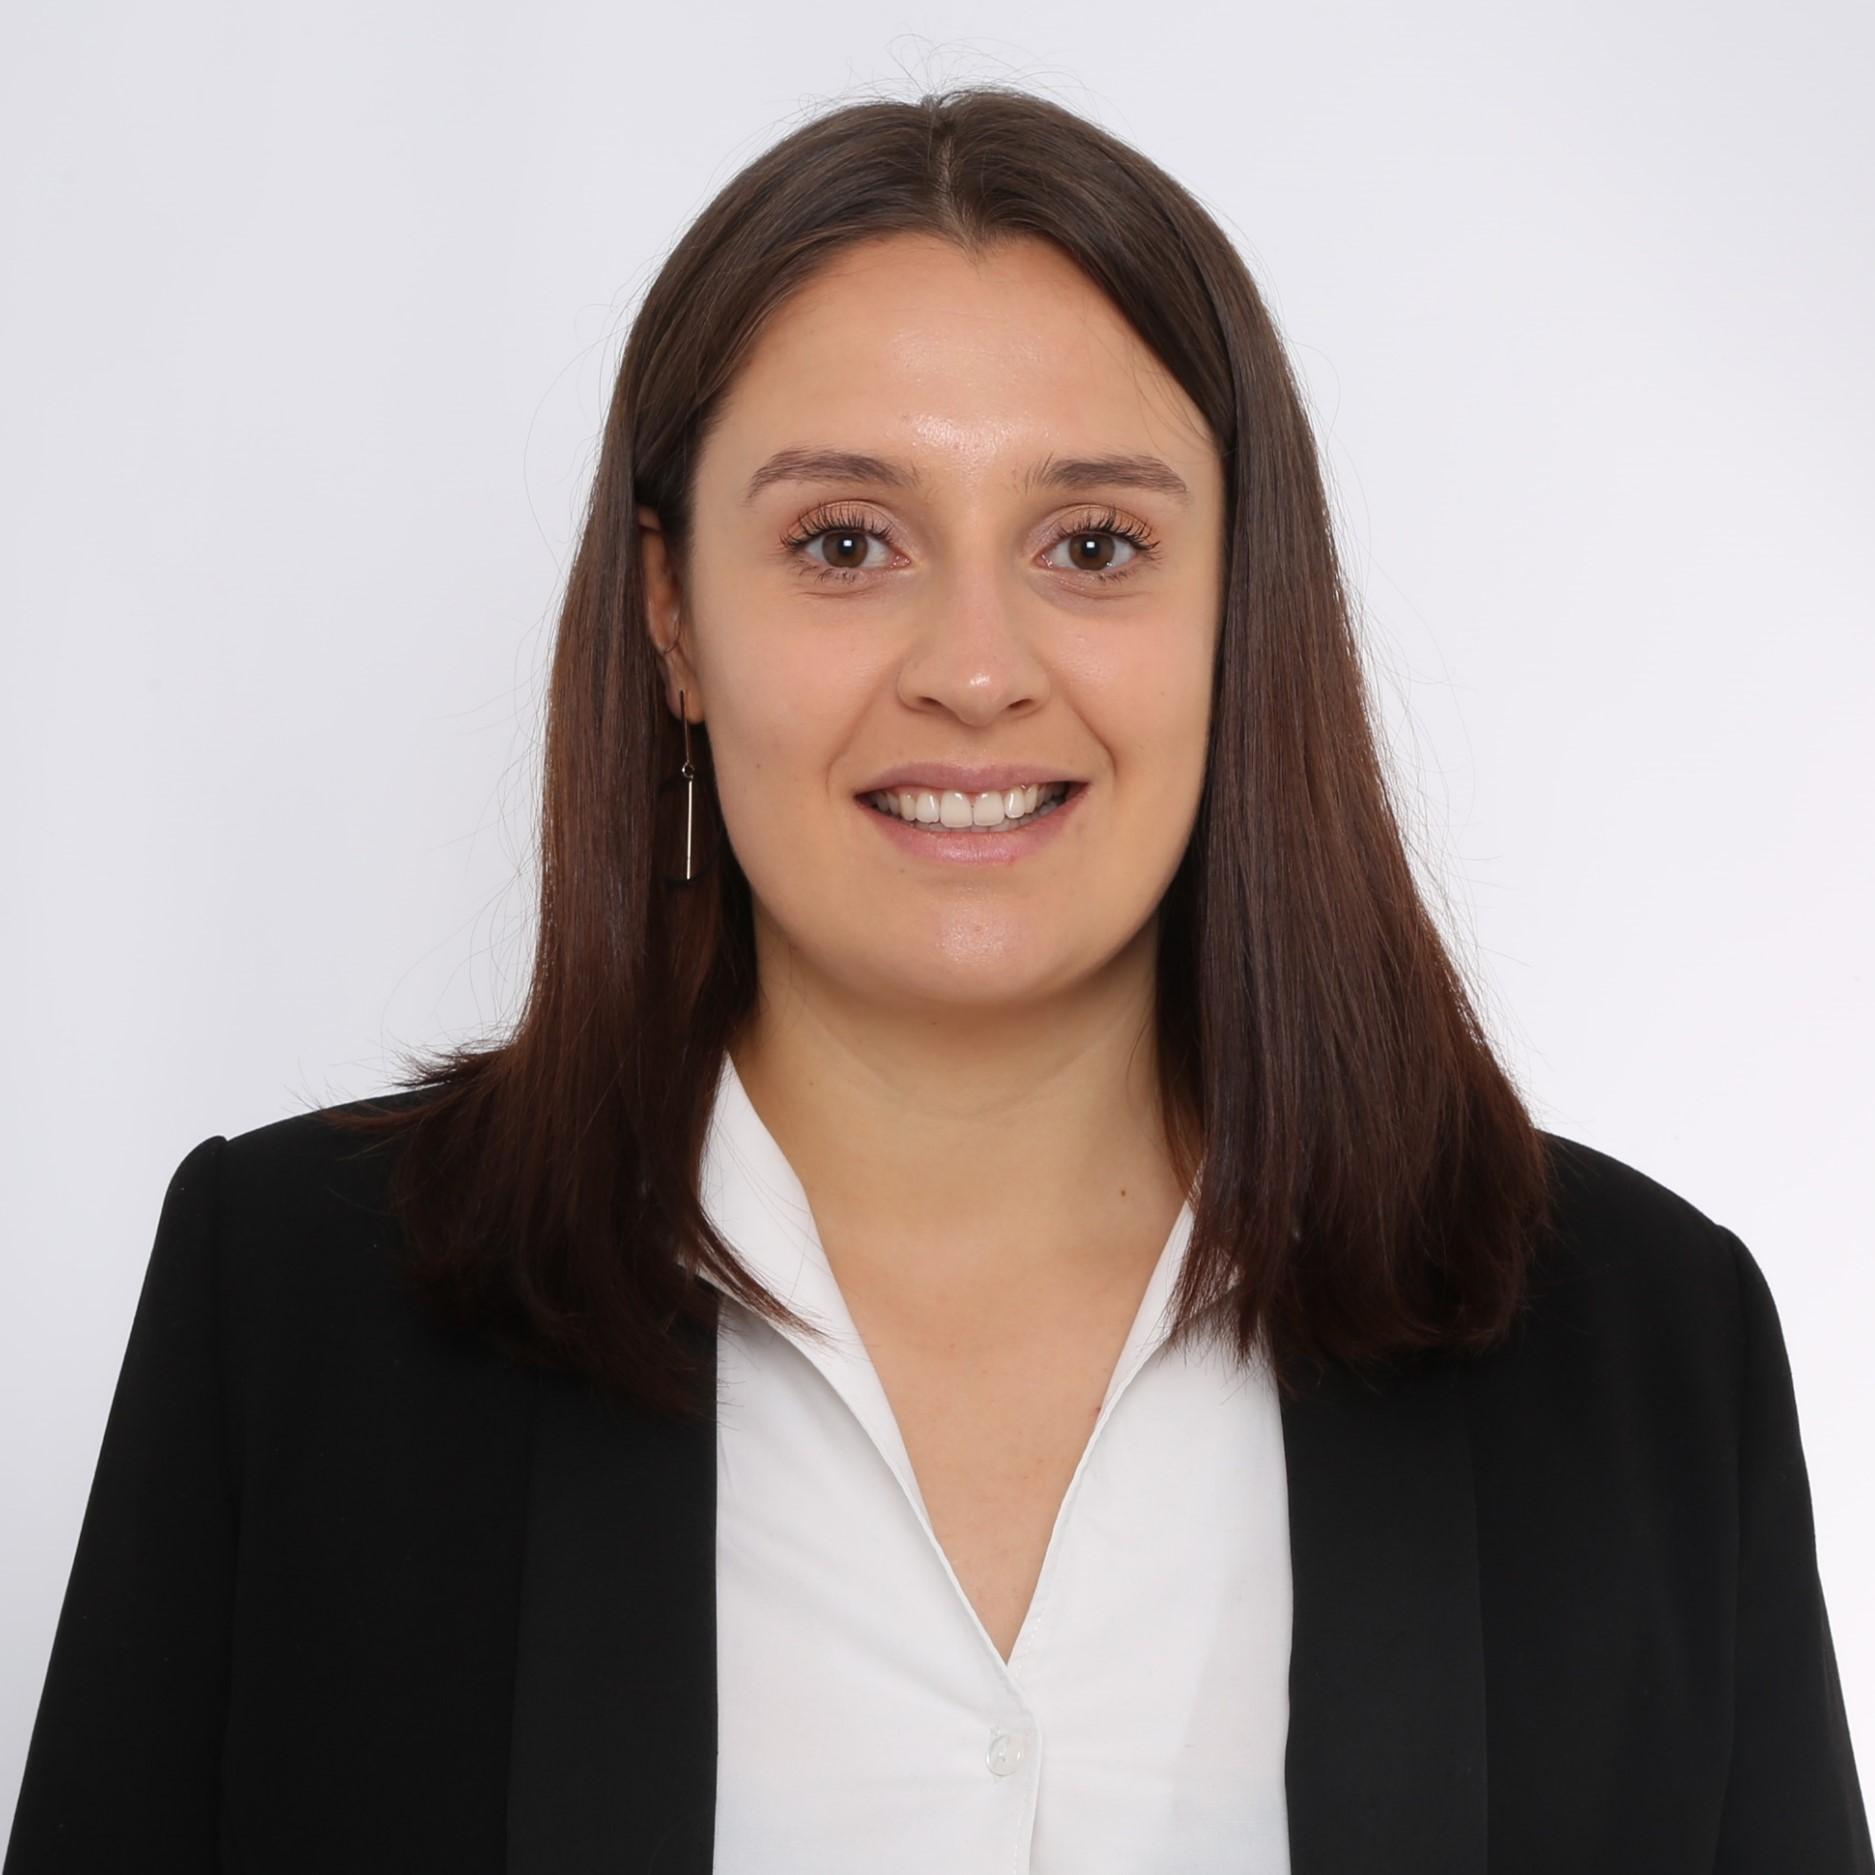 Sofia Forni